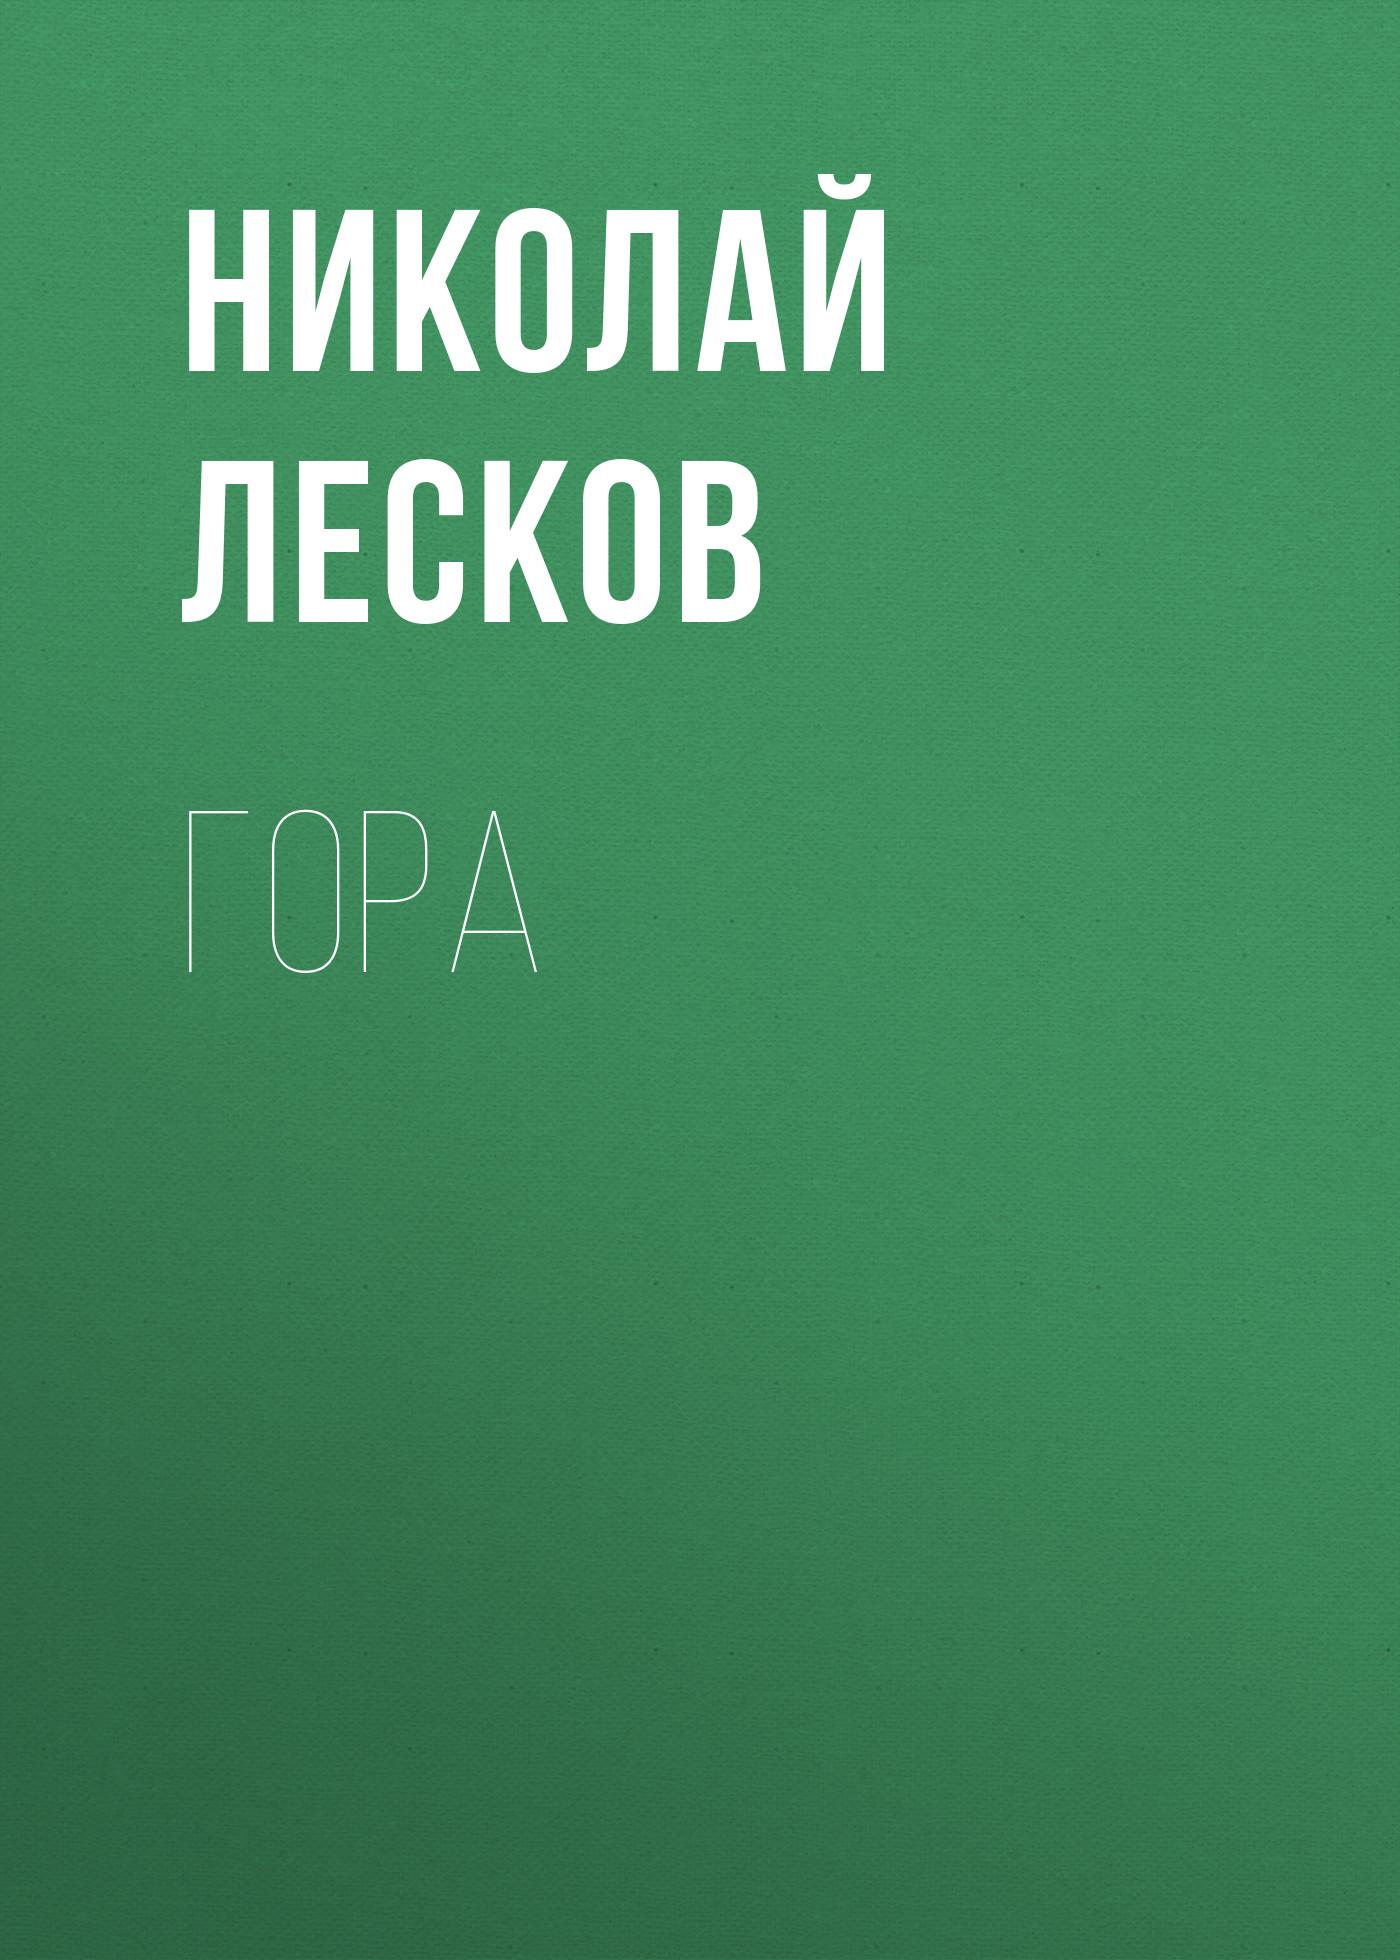 Купить книгу Гора, автора Николая Лескова